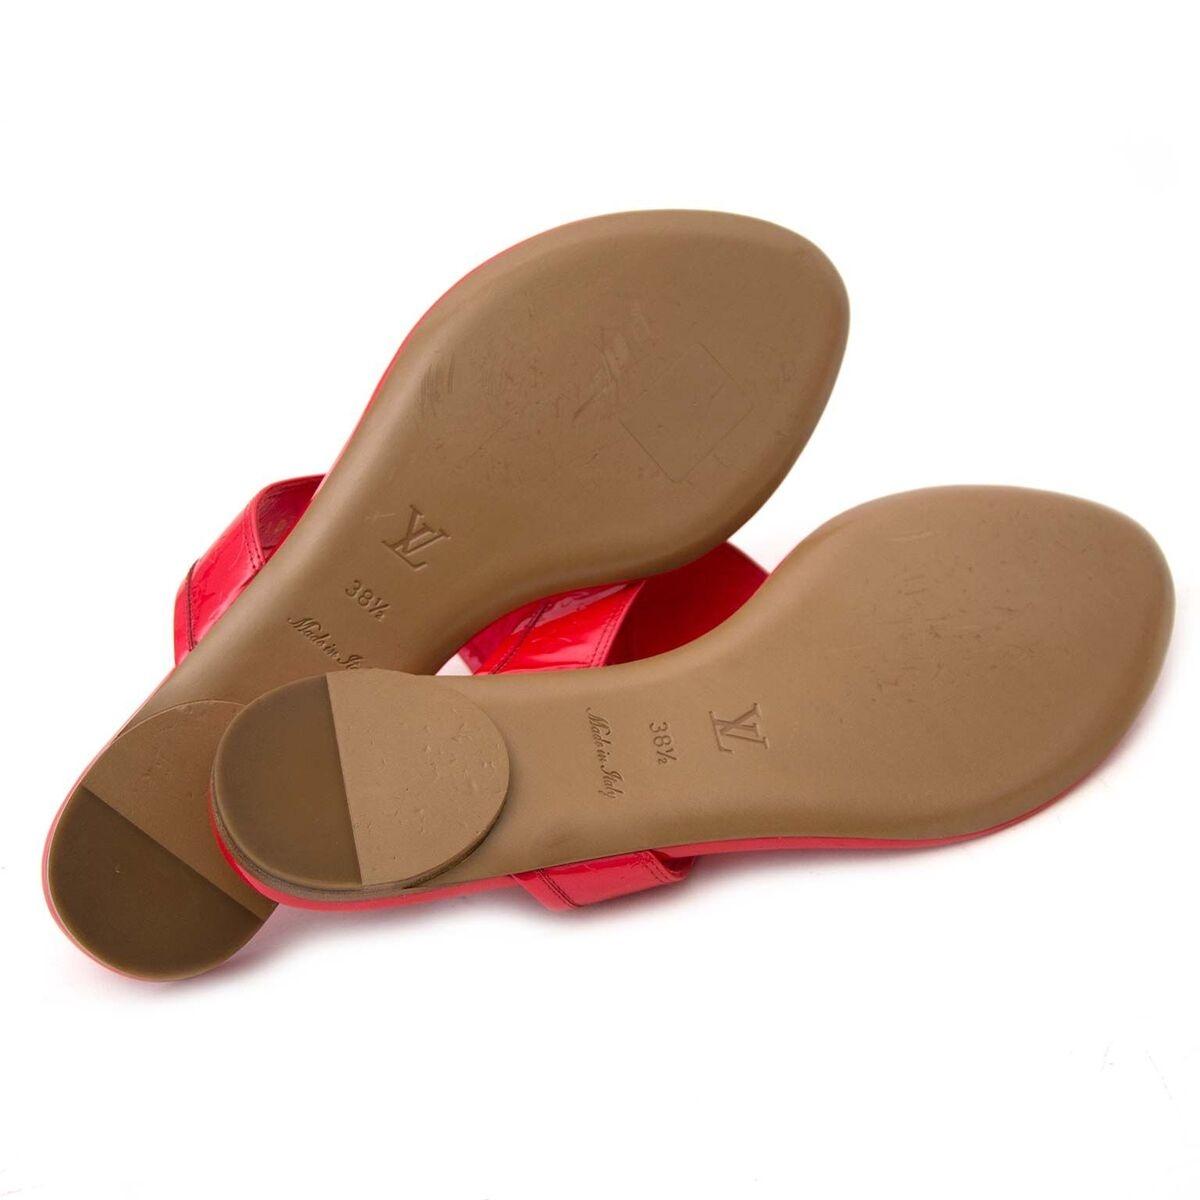 Koop authentieke tweedehands Louis Vuitton slippers aan een eerlijke prijs bij LabelLOV. Veilig online shoppen.